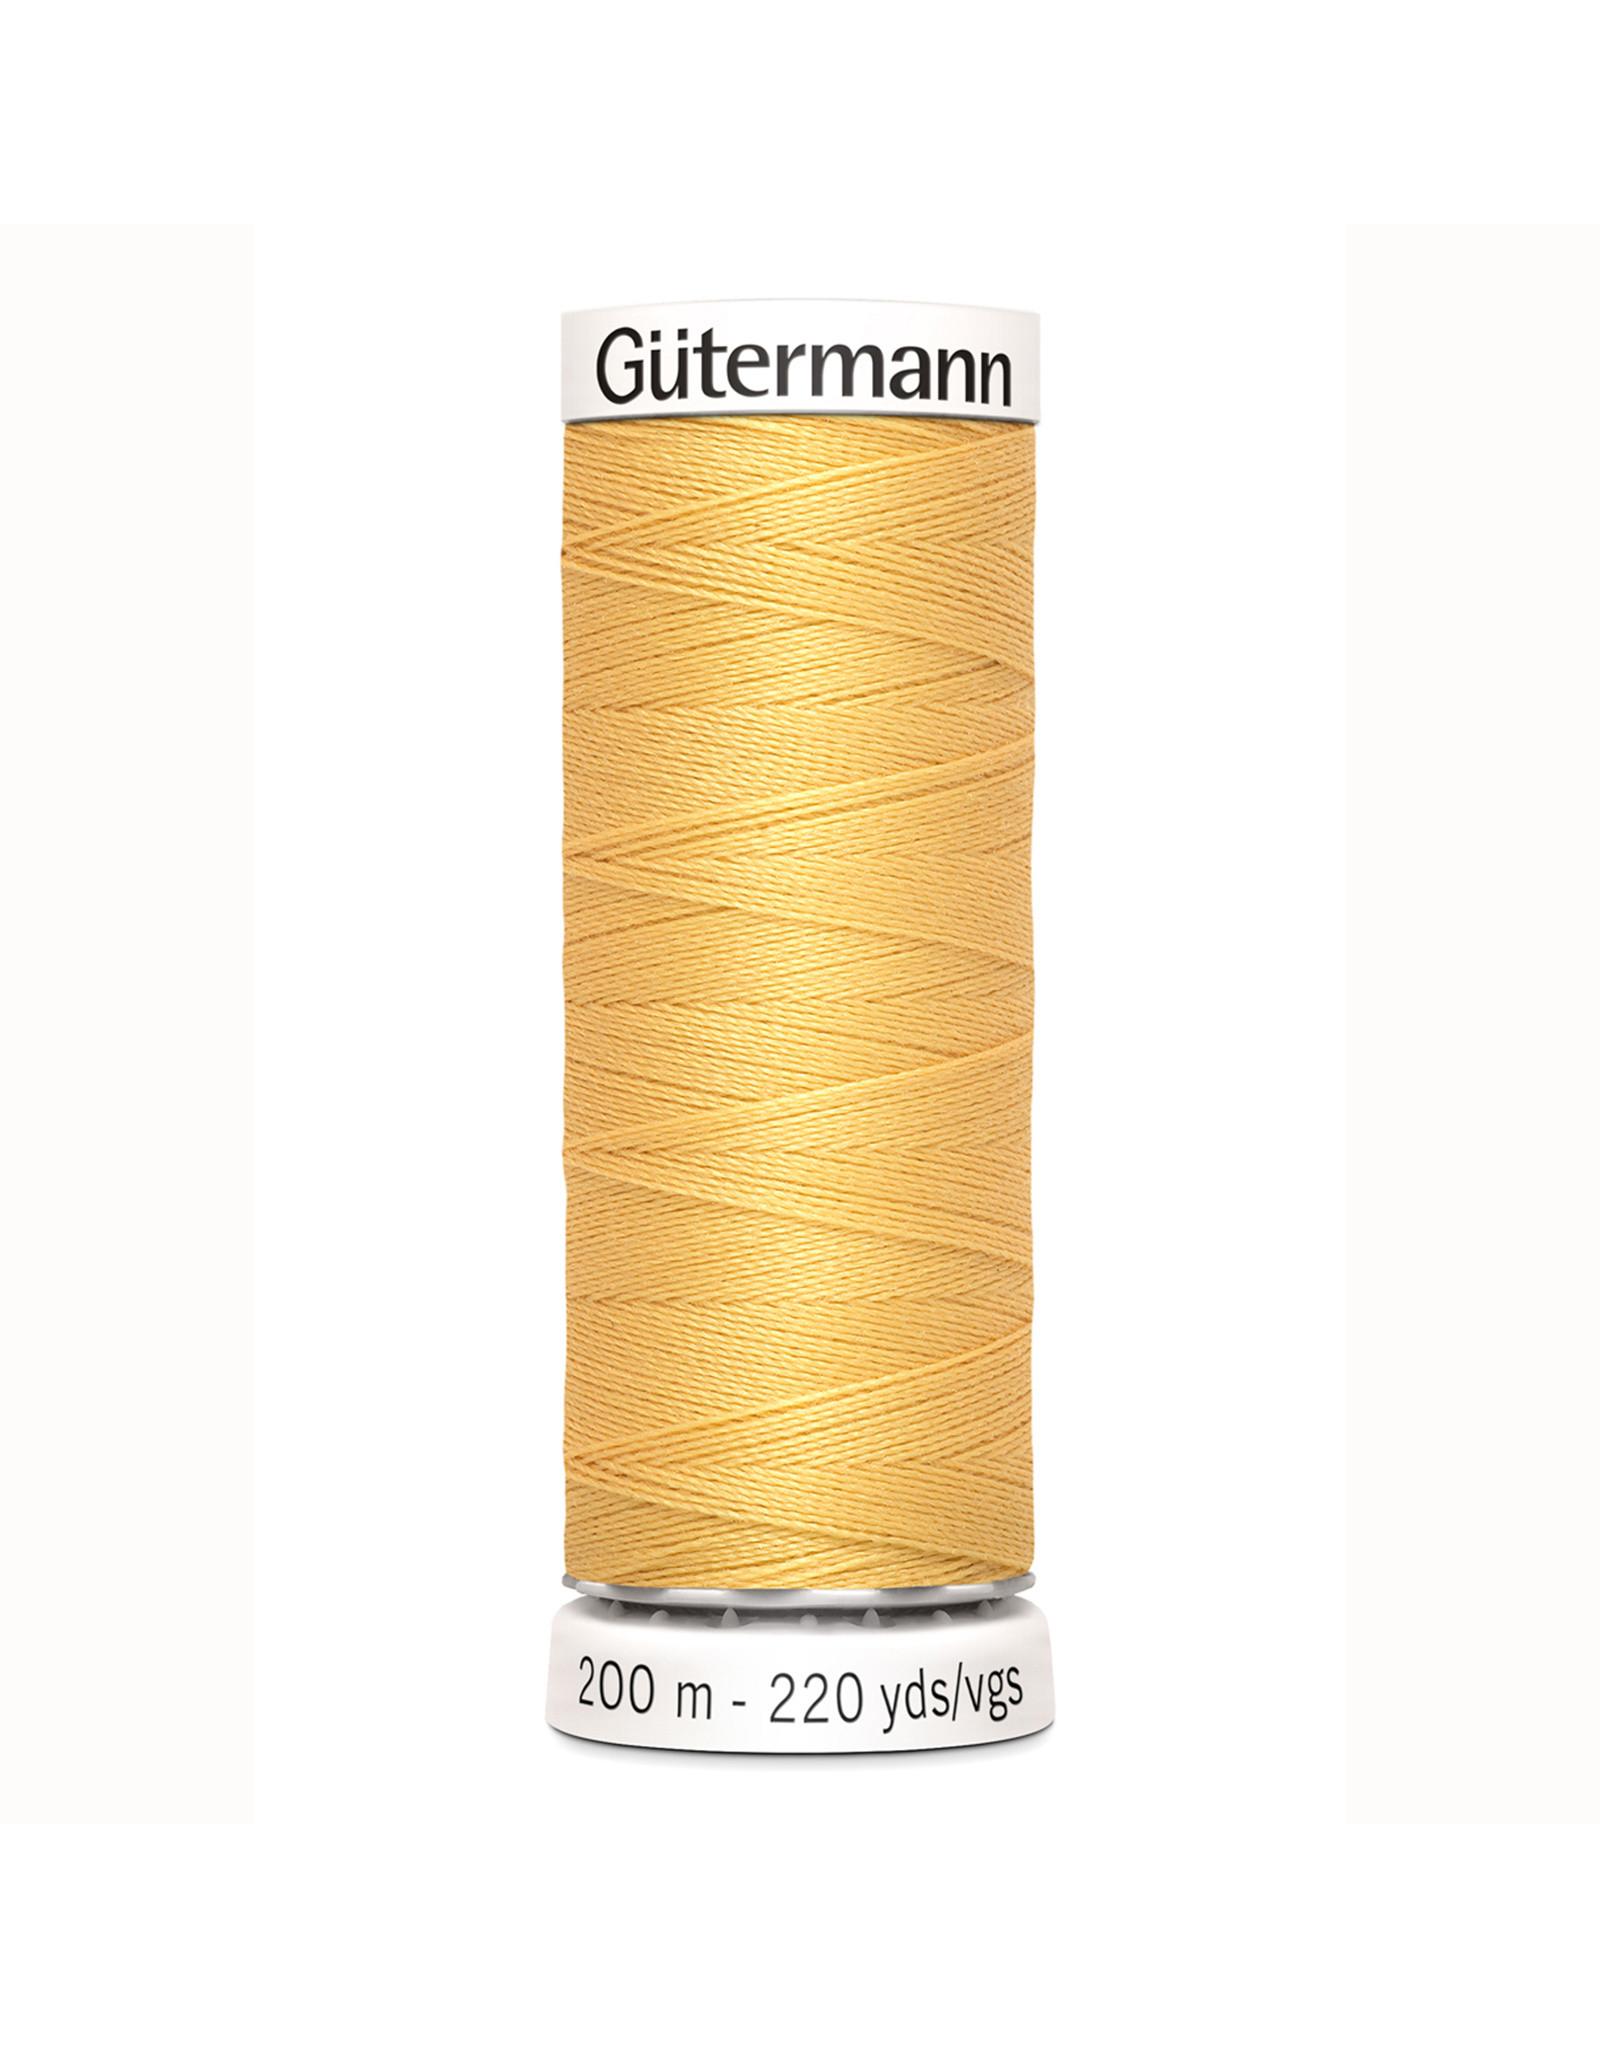 Gütermann Gütermann Nähgarn 200 m - nr 415